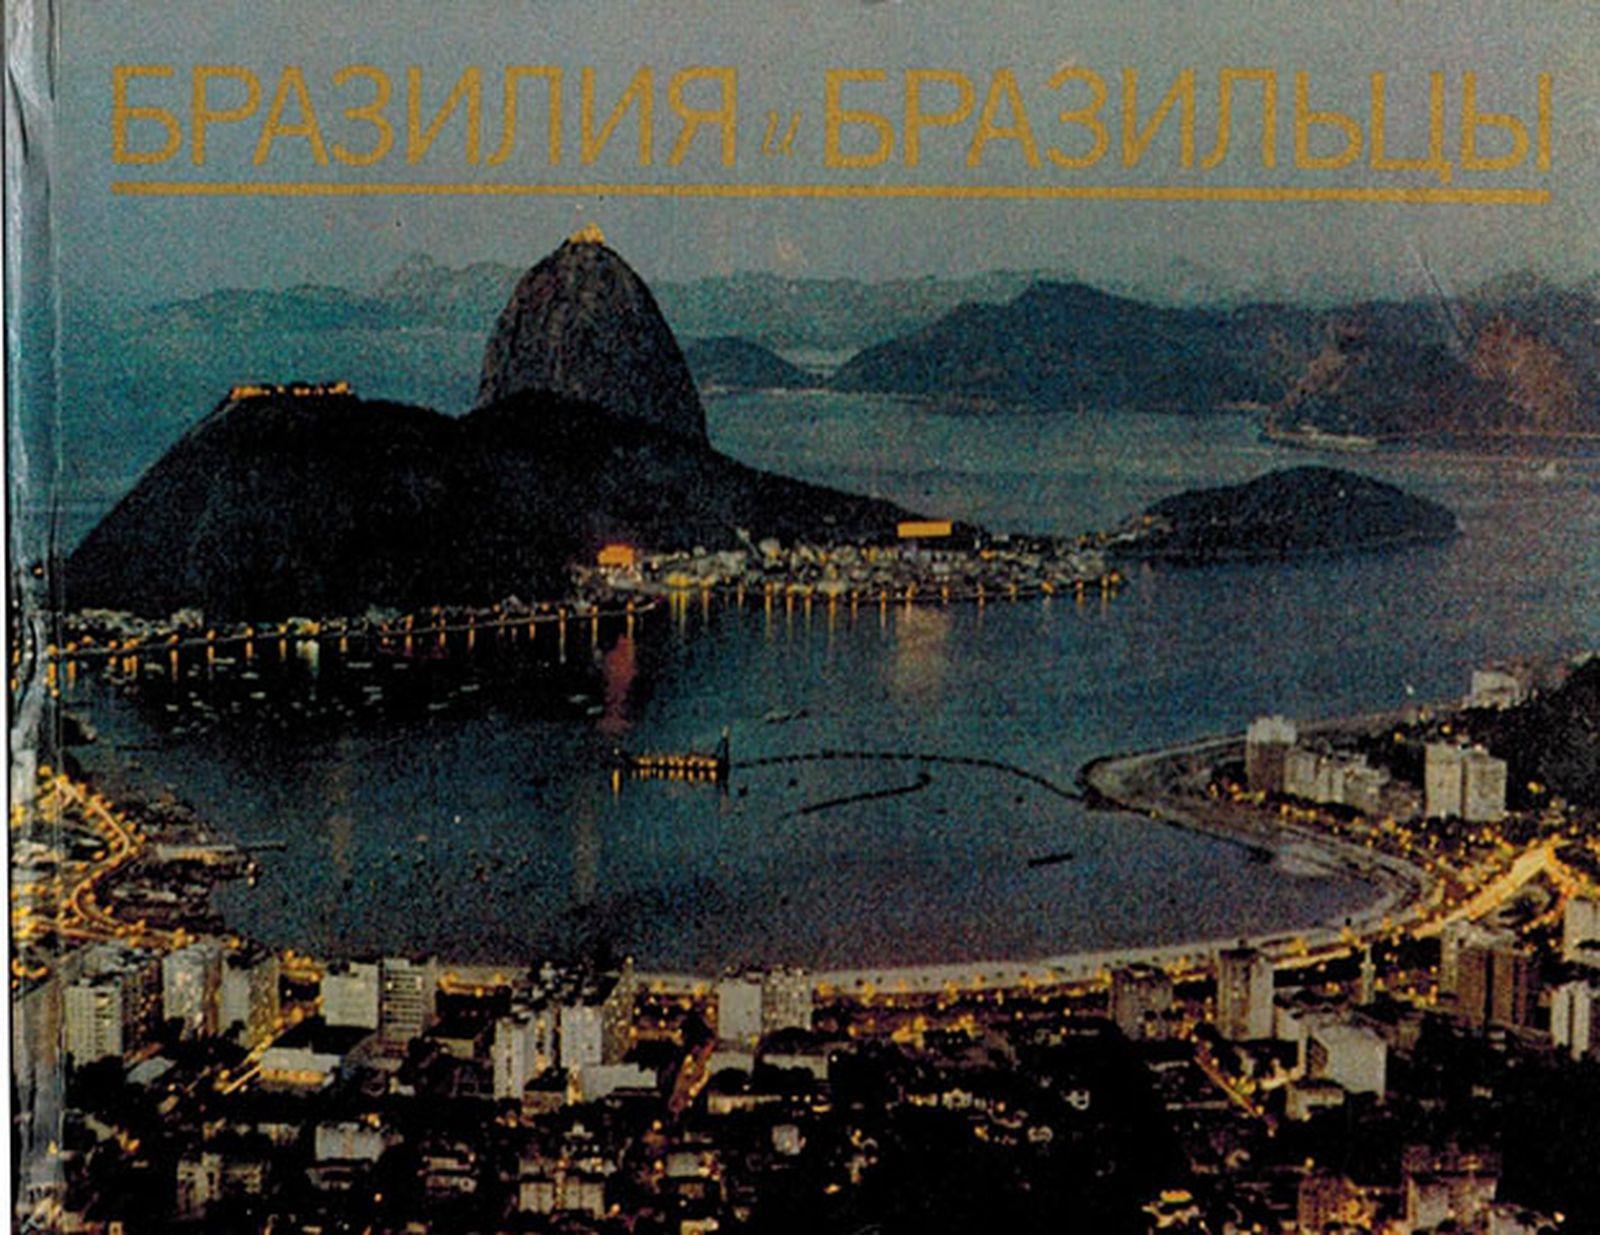 Игнатьев О. Бразилия и бразильцы. Фотоальбом авиабилеты москва бразилия